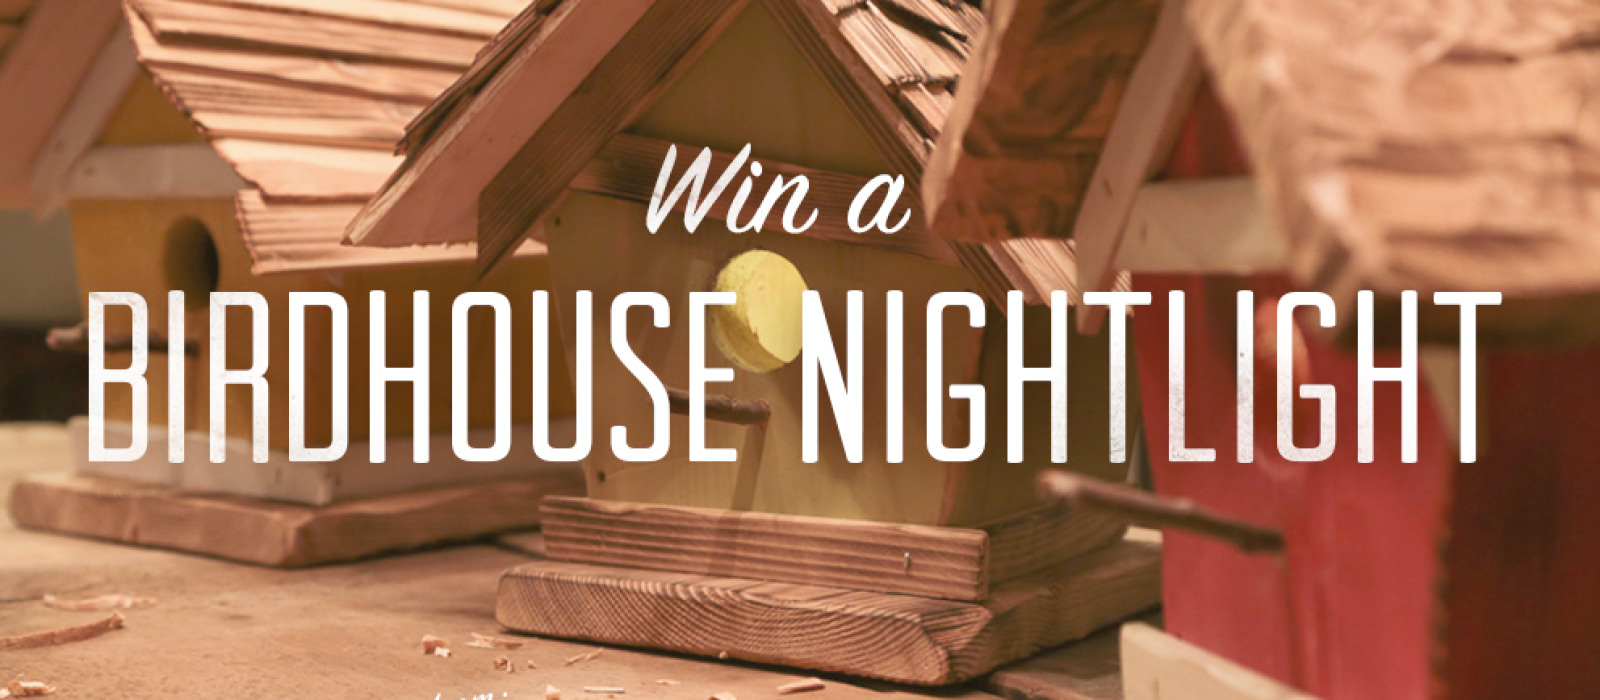 Win a Decorative Birdhouse Nightlight